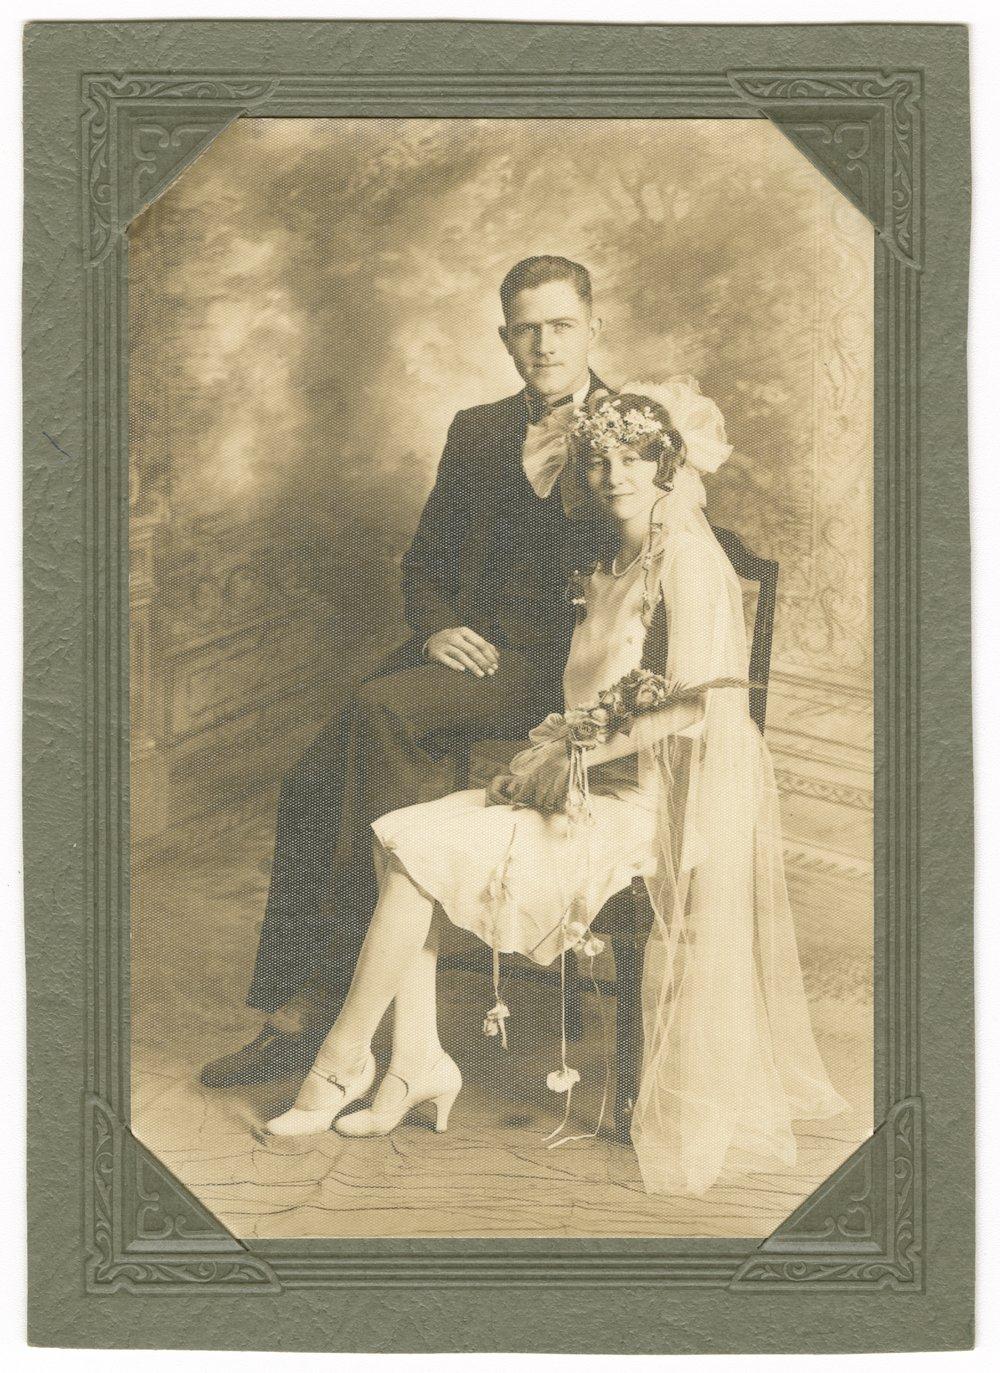 Clarence Gordon and Edna Staerkel Gordon on their wedding day in Topeka, Kansas - 1